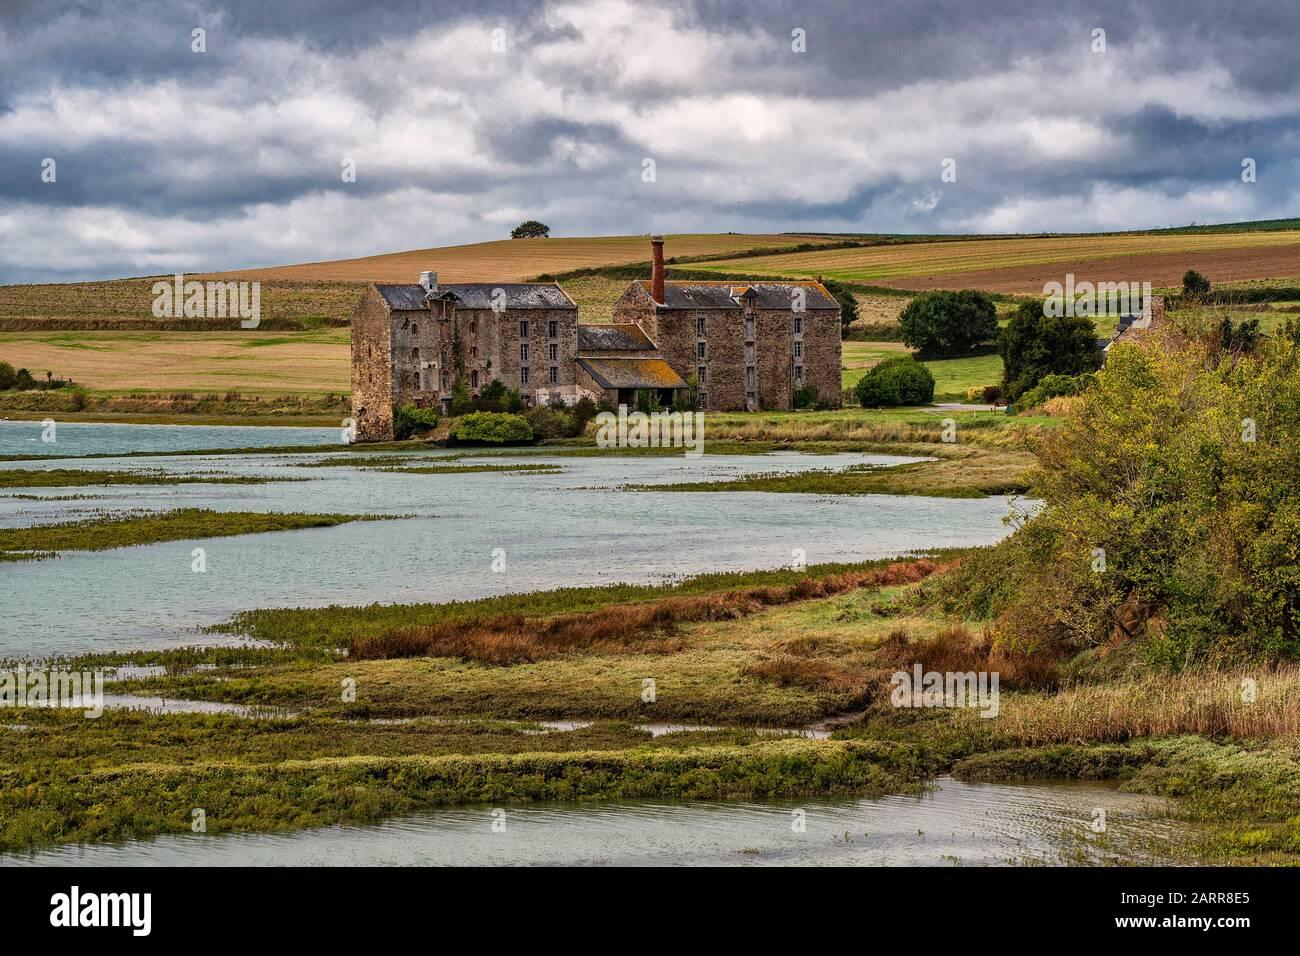 Bretagne, norte de Francia. Una antigua fábrica abandonada cerca de la ciudad de Saint Malo en medio del verde campo y un pantano. Foto de stock